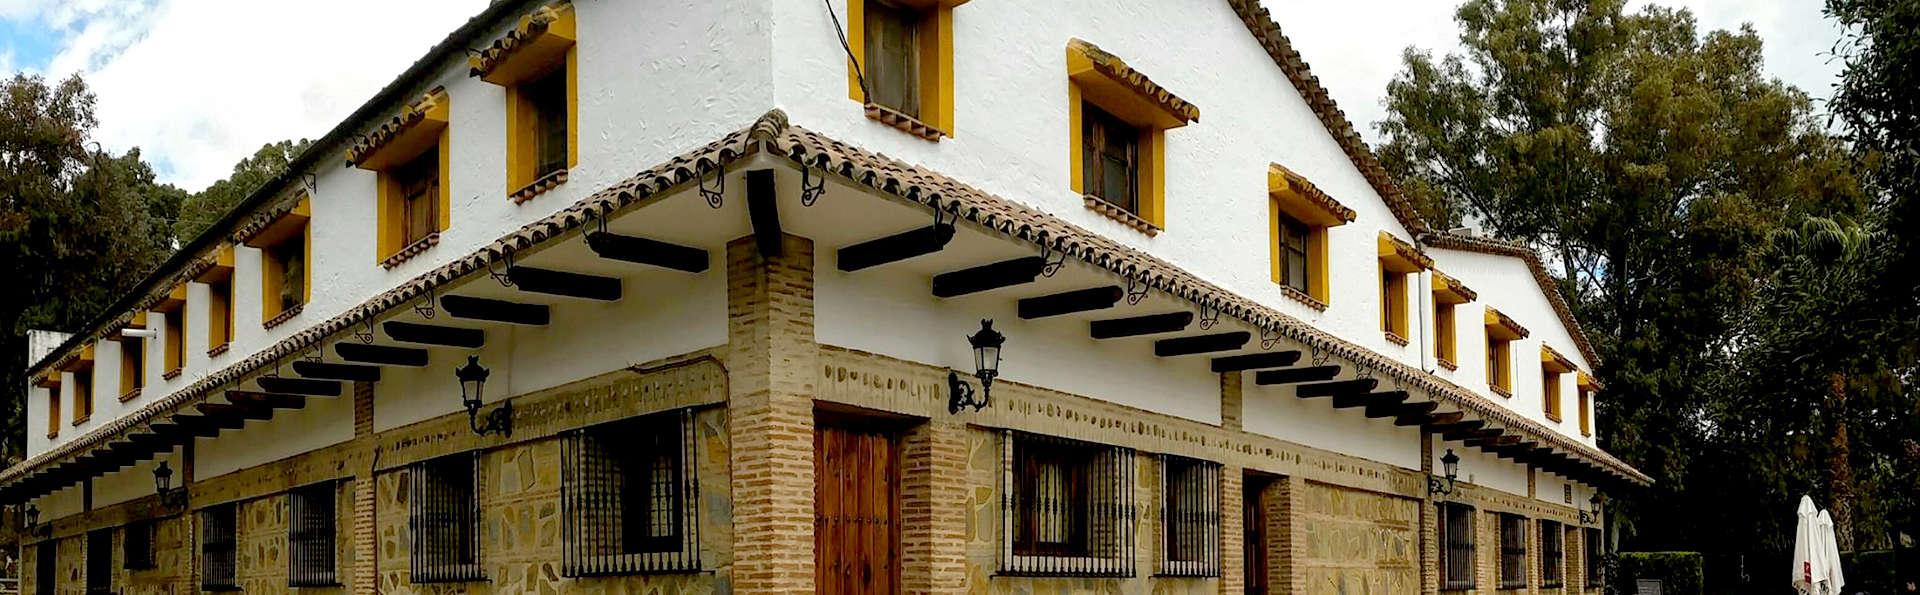 Dîner en pleine nature à Colmenar dans la province de Malaga